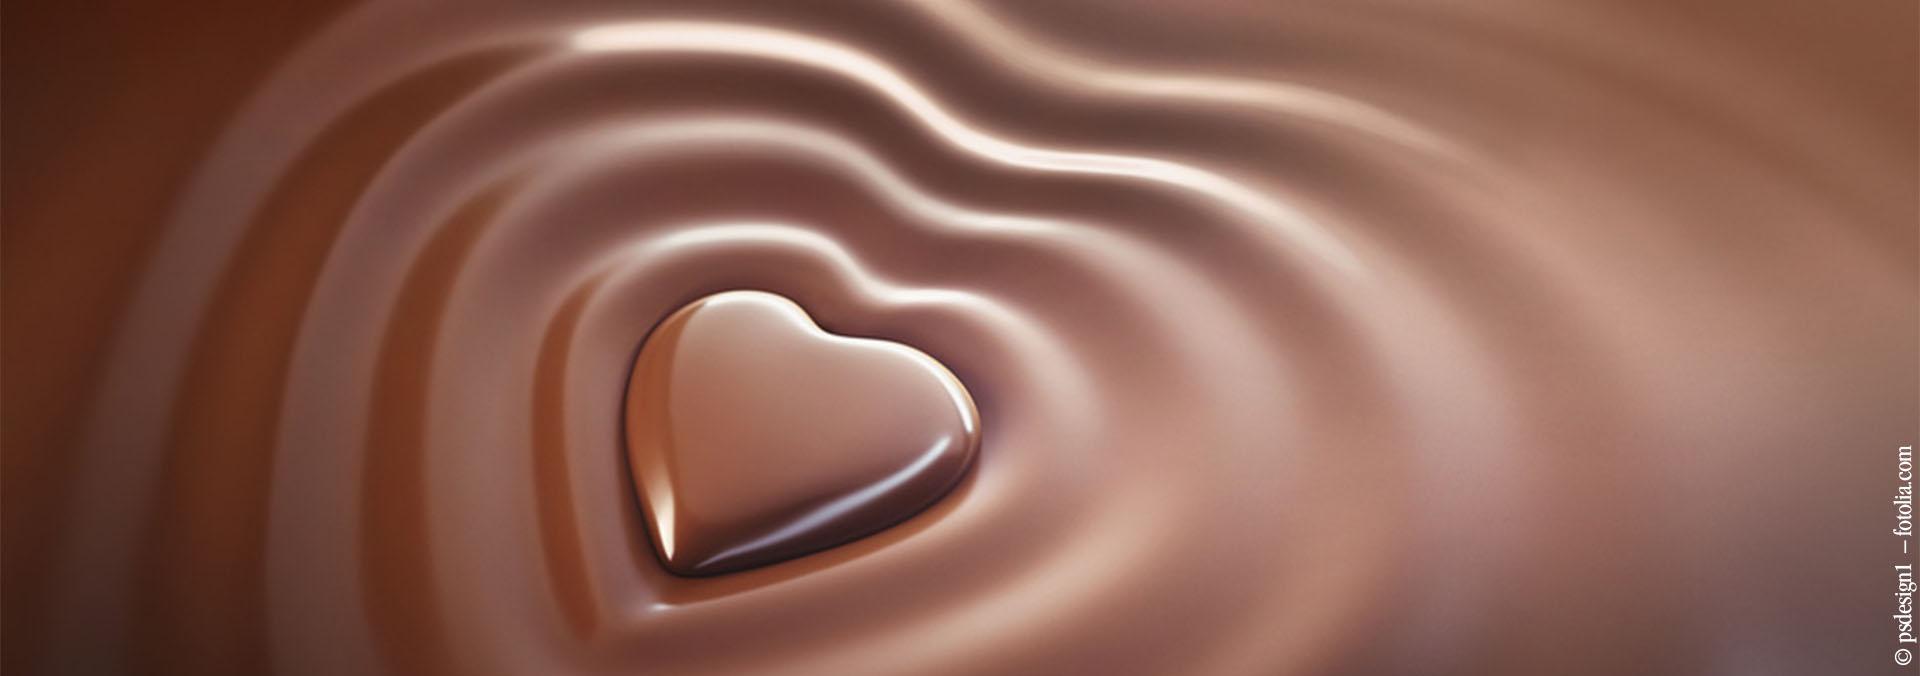 Essen und Film Schokolade